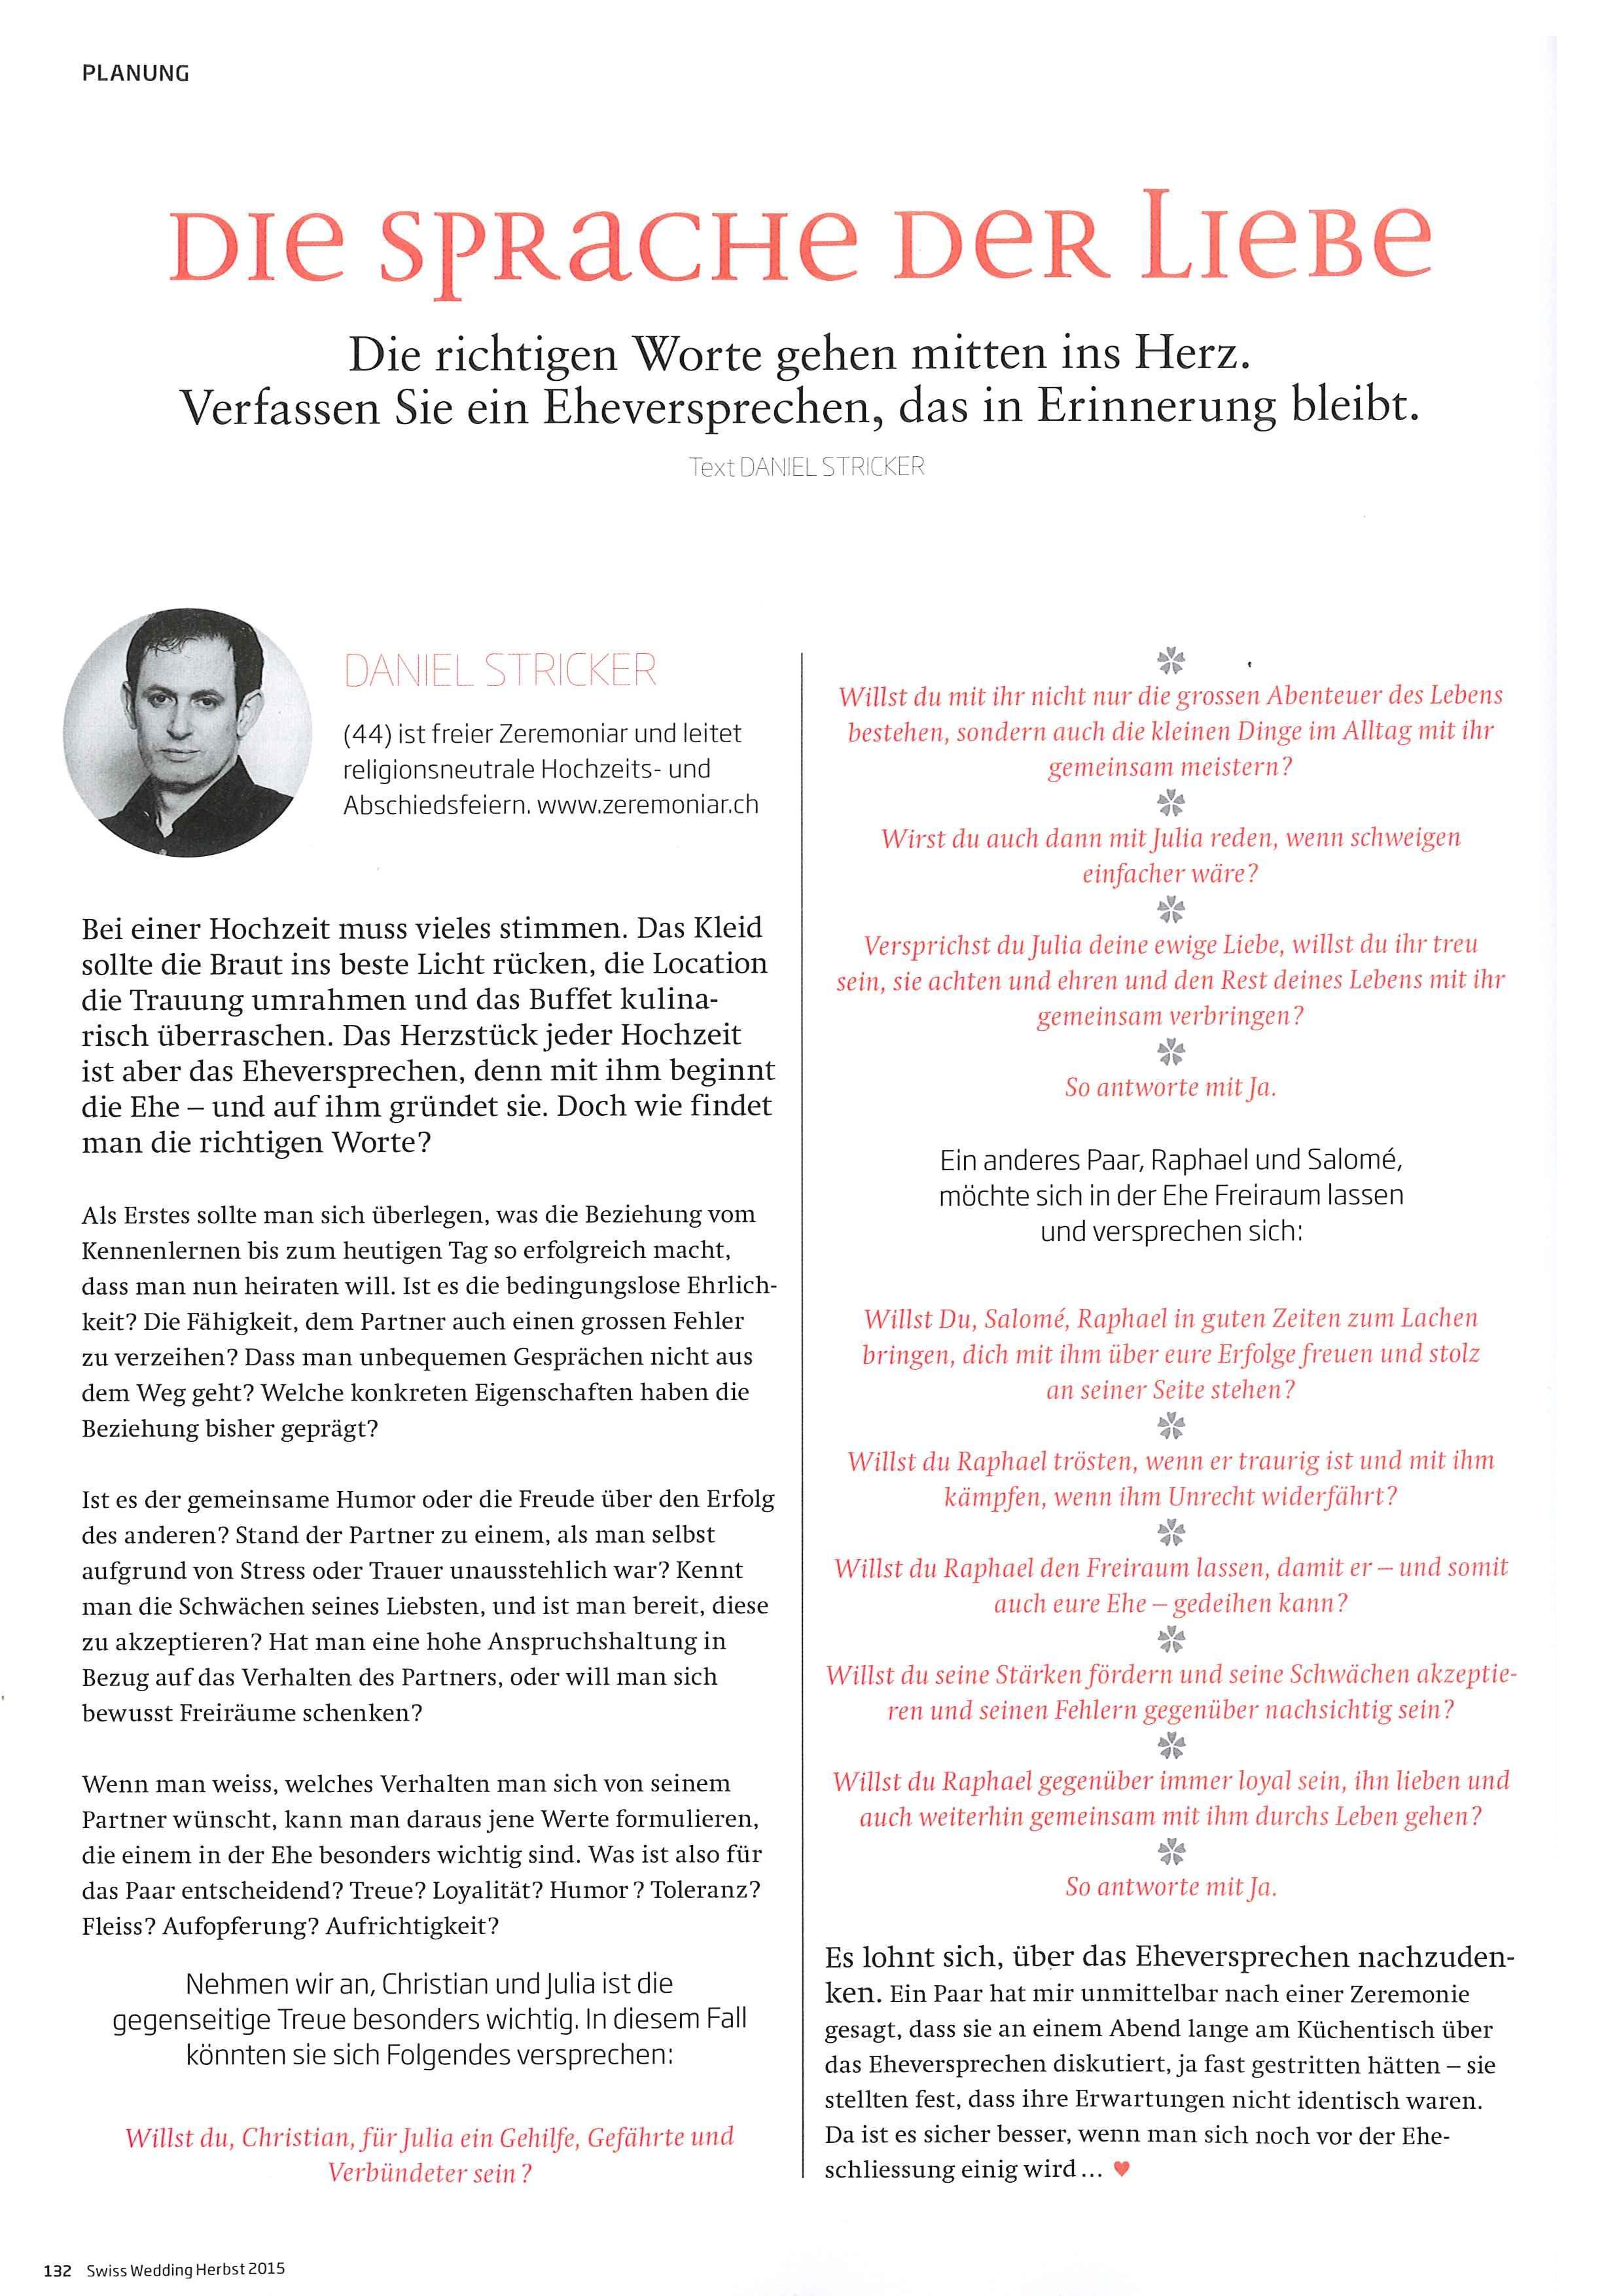 Erschienen in der Ausgabe 04/2015 von Swiss Wedding.